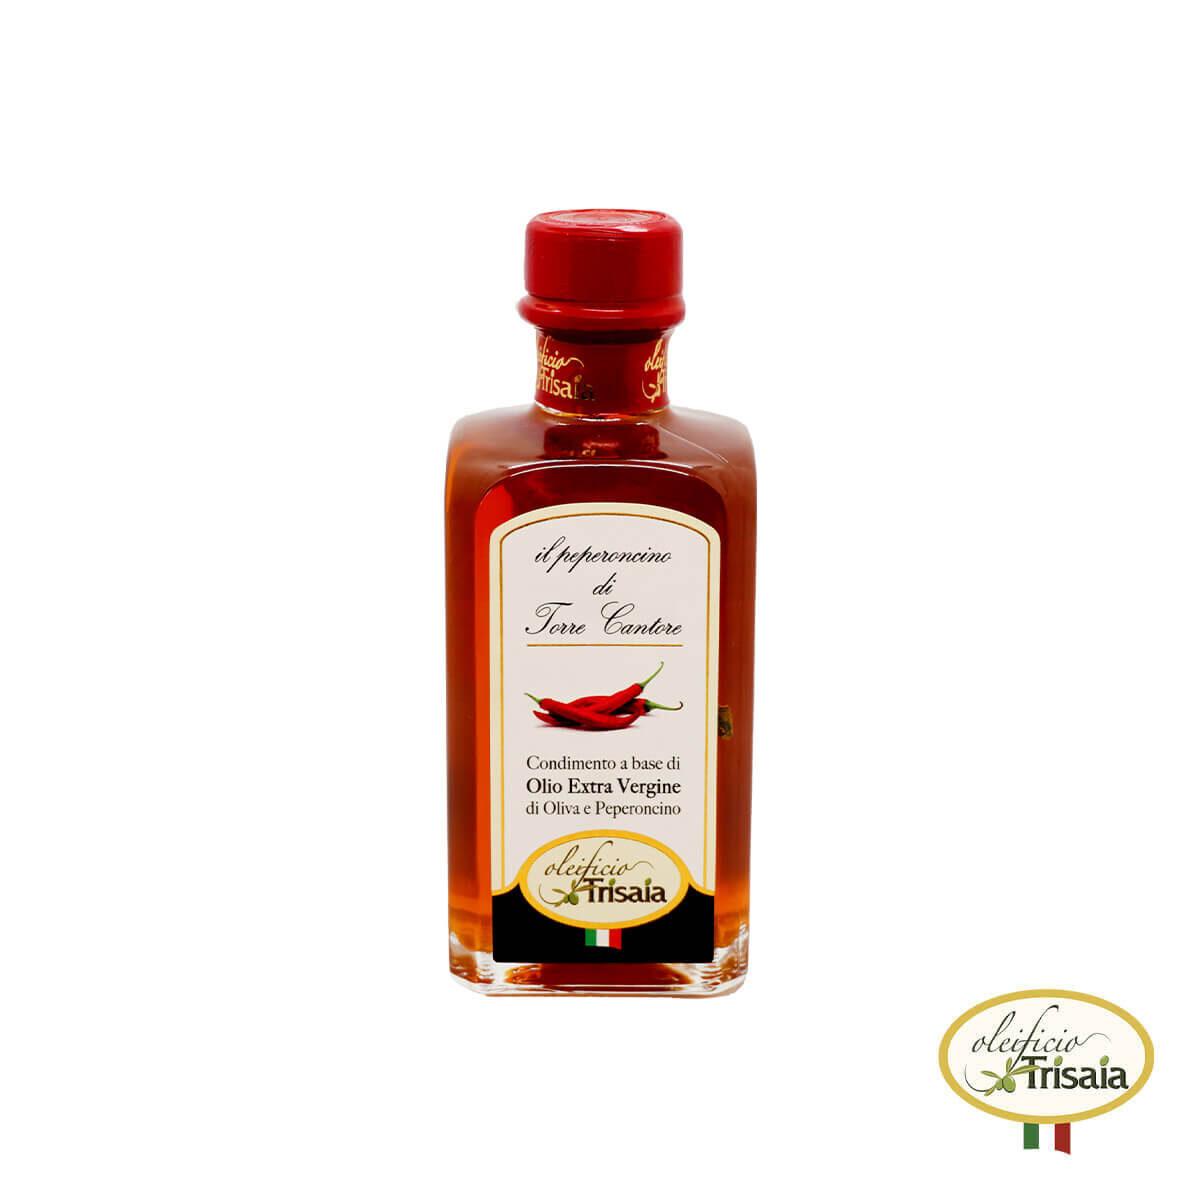 L'olio EVO Extravergine di Oliva aromatizzato al peperoncino piccante